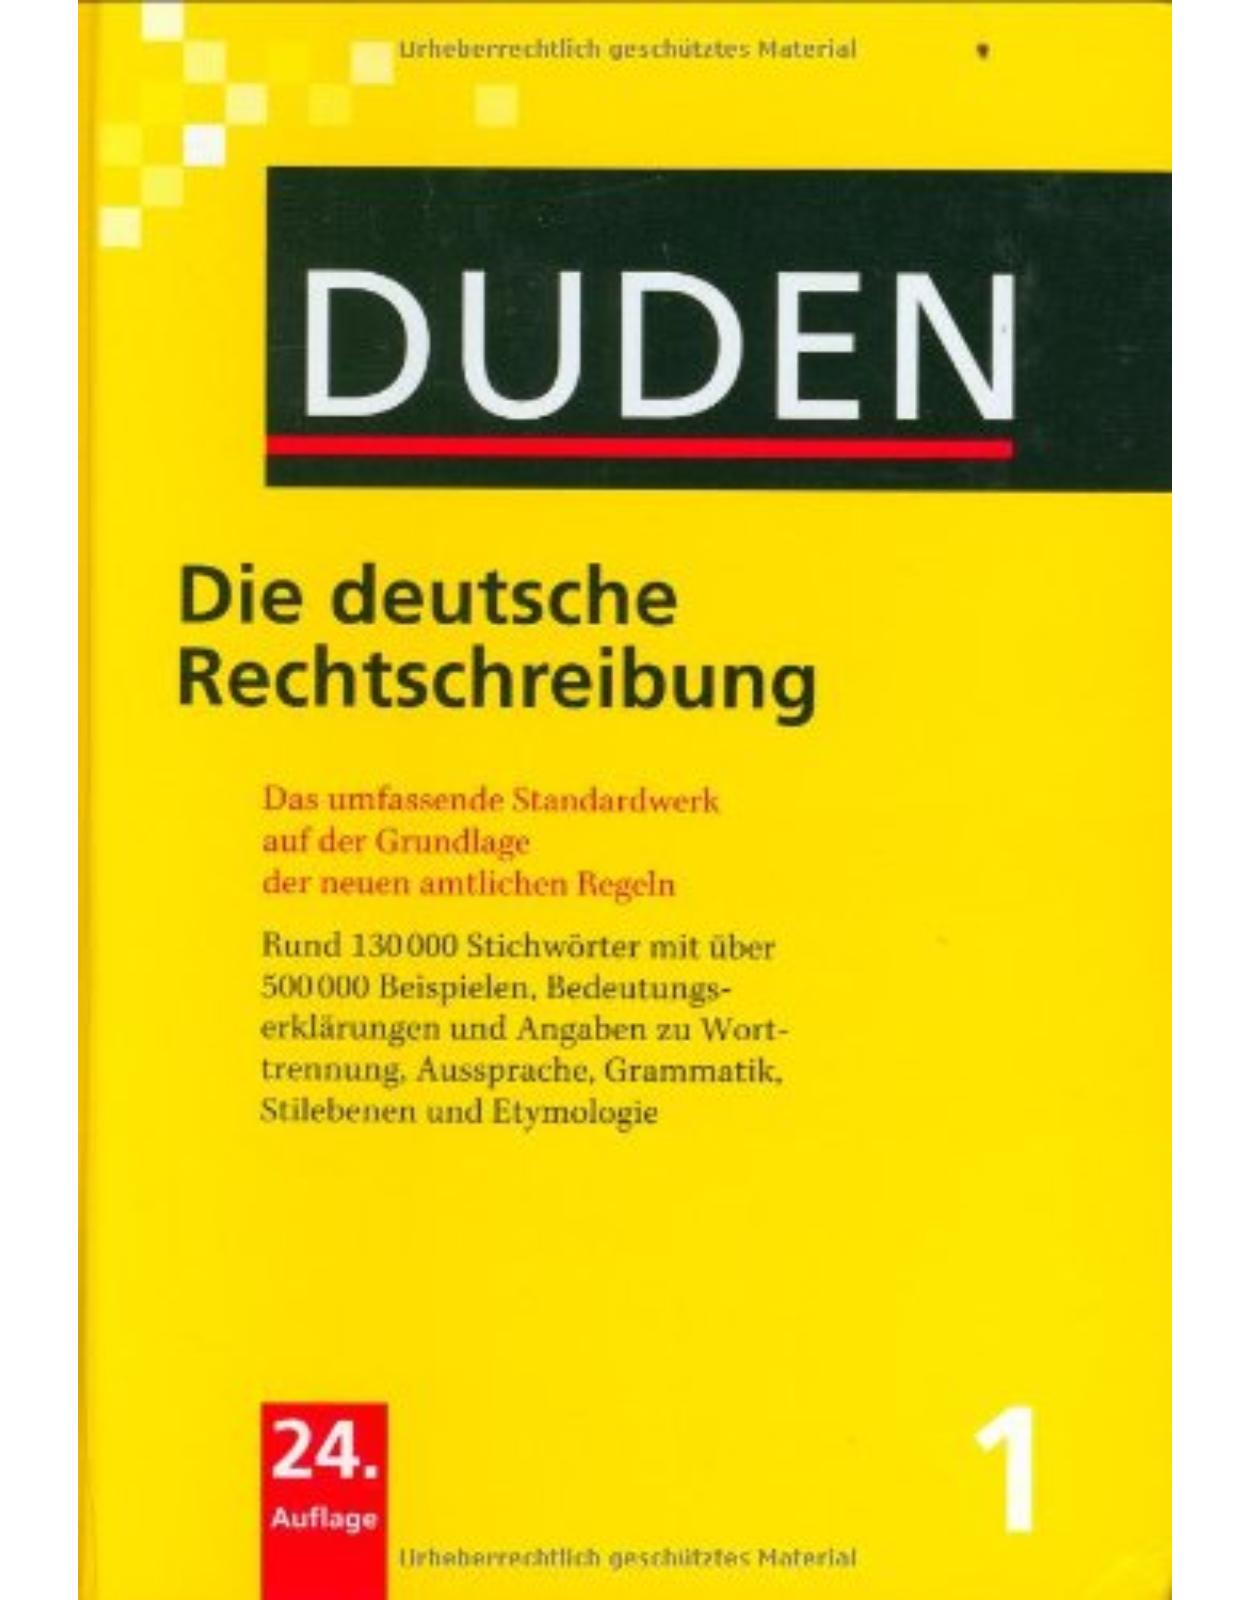 Der Duden Band 1 - Band 1 : Die deutsche Rechtschreibung